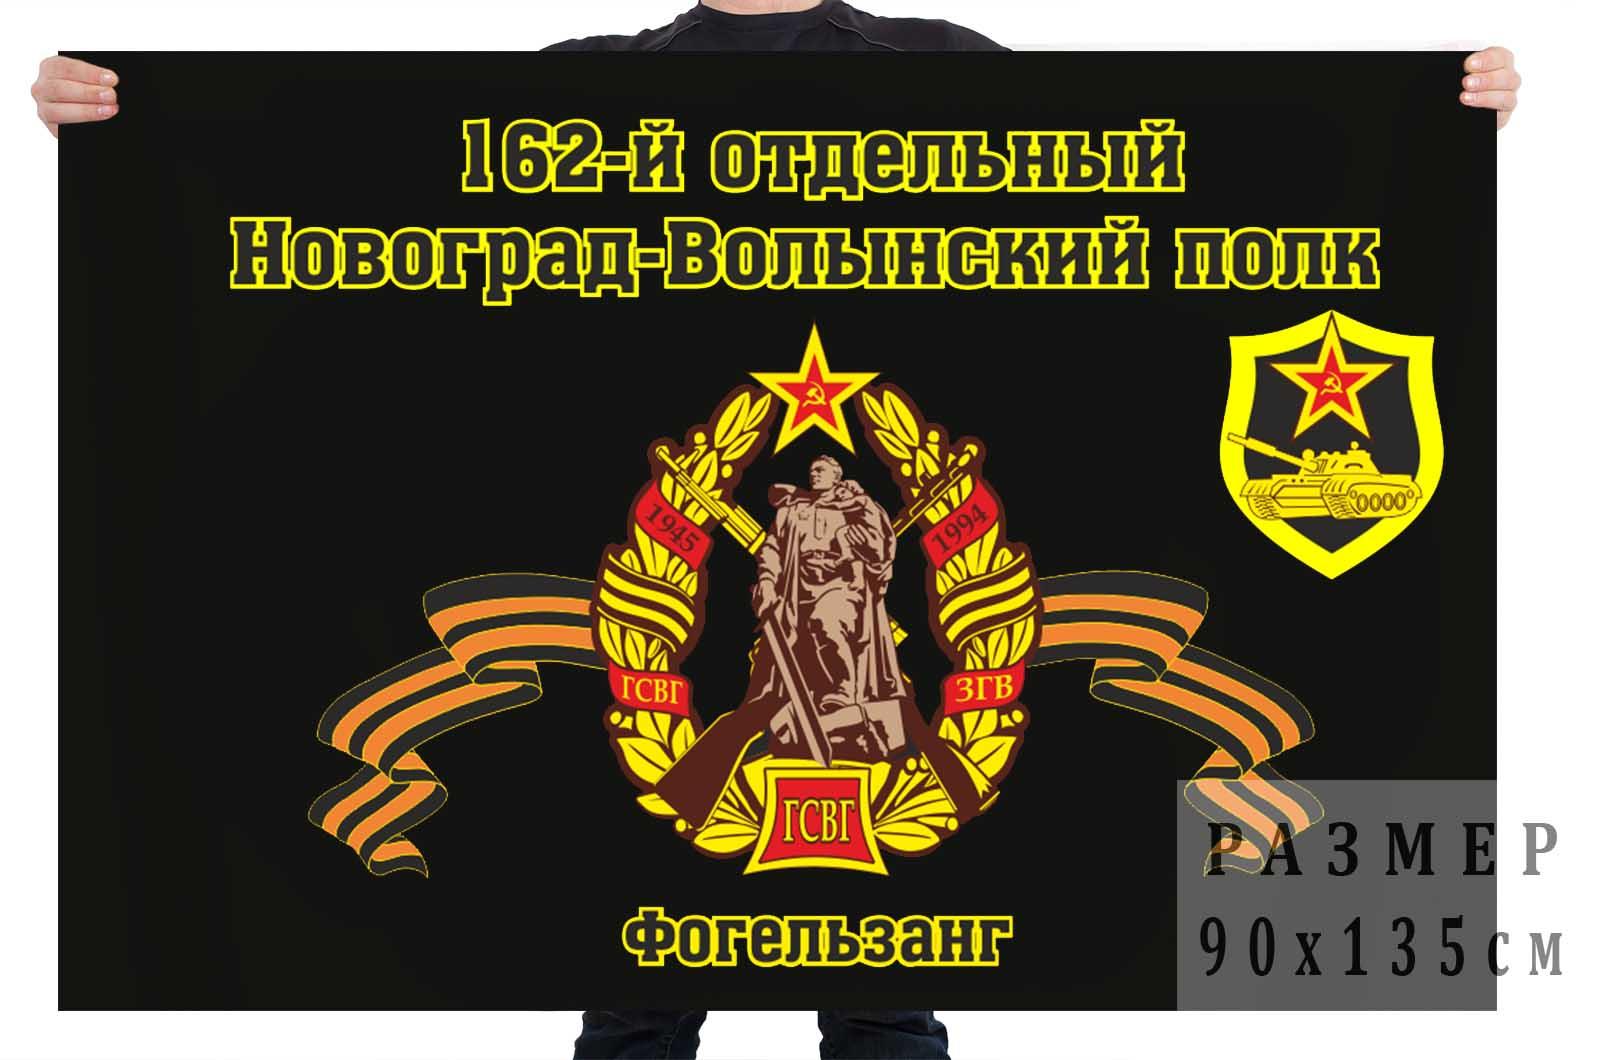 """Флаг """"162-й танковый Новоград-Волынский полк. Фогельзанг"""""""